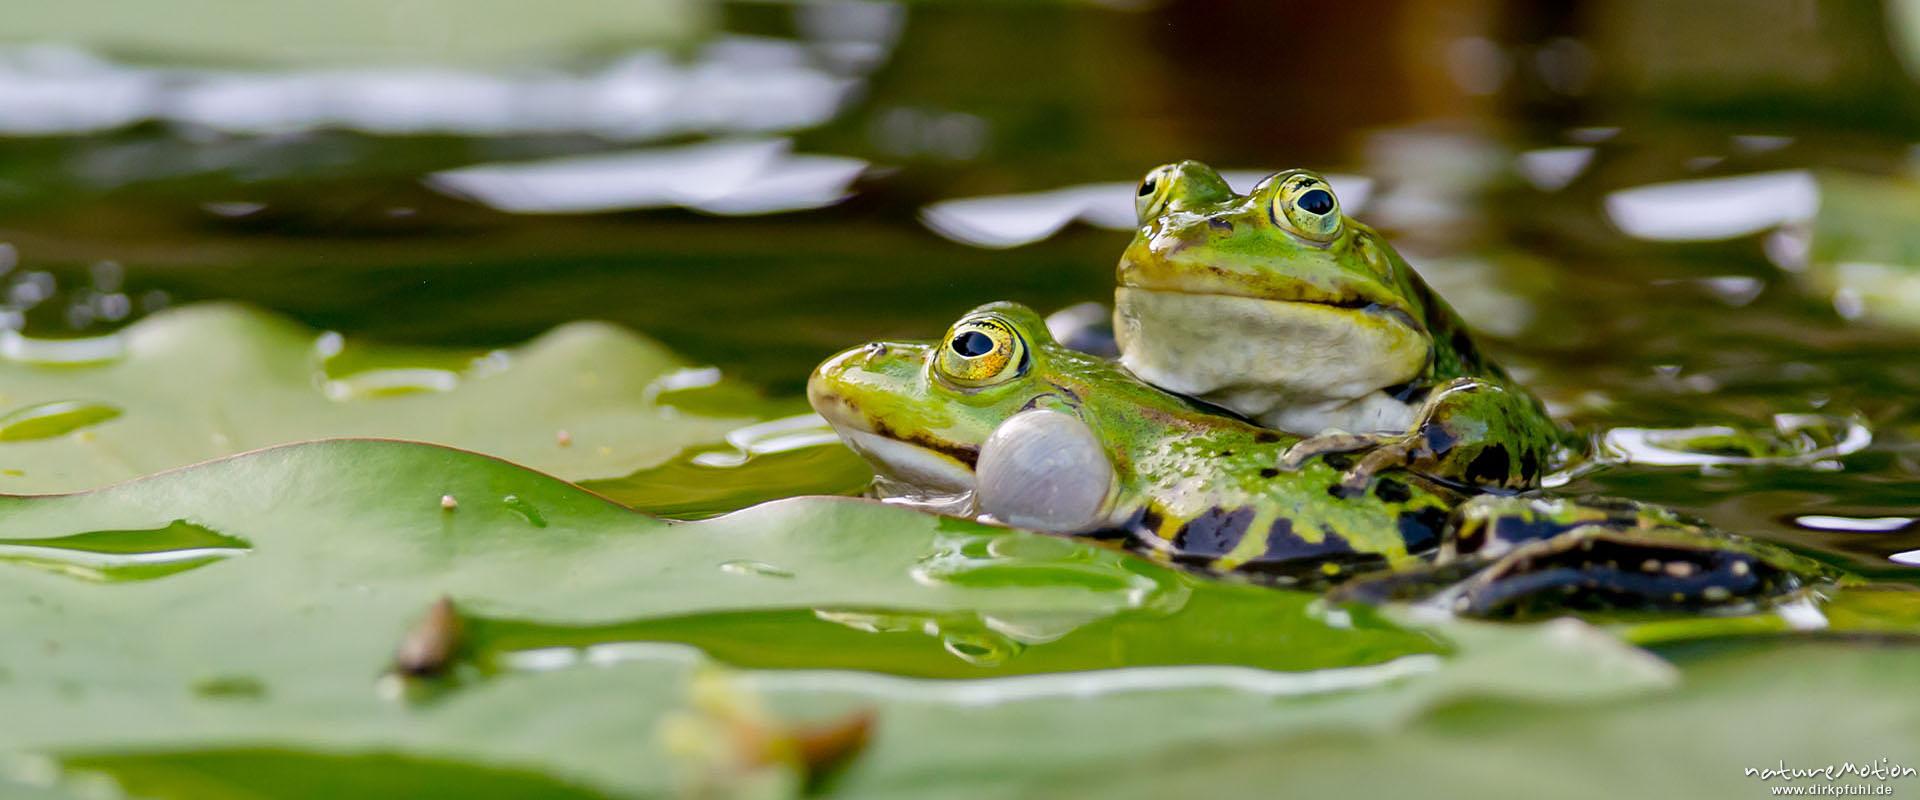 Teichfrosch-Männchen kämpfen um Reviere